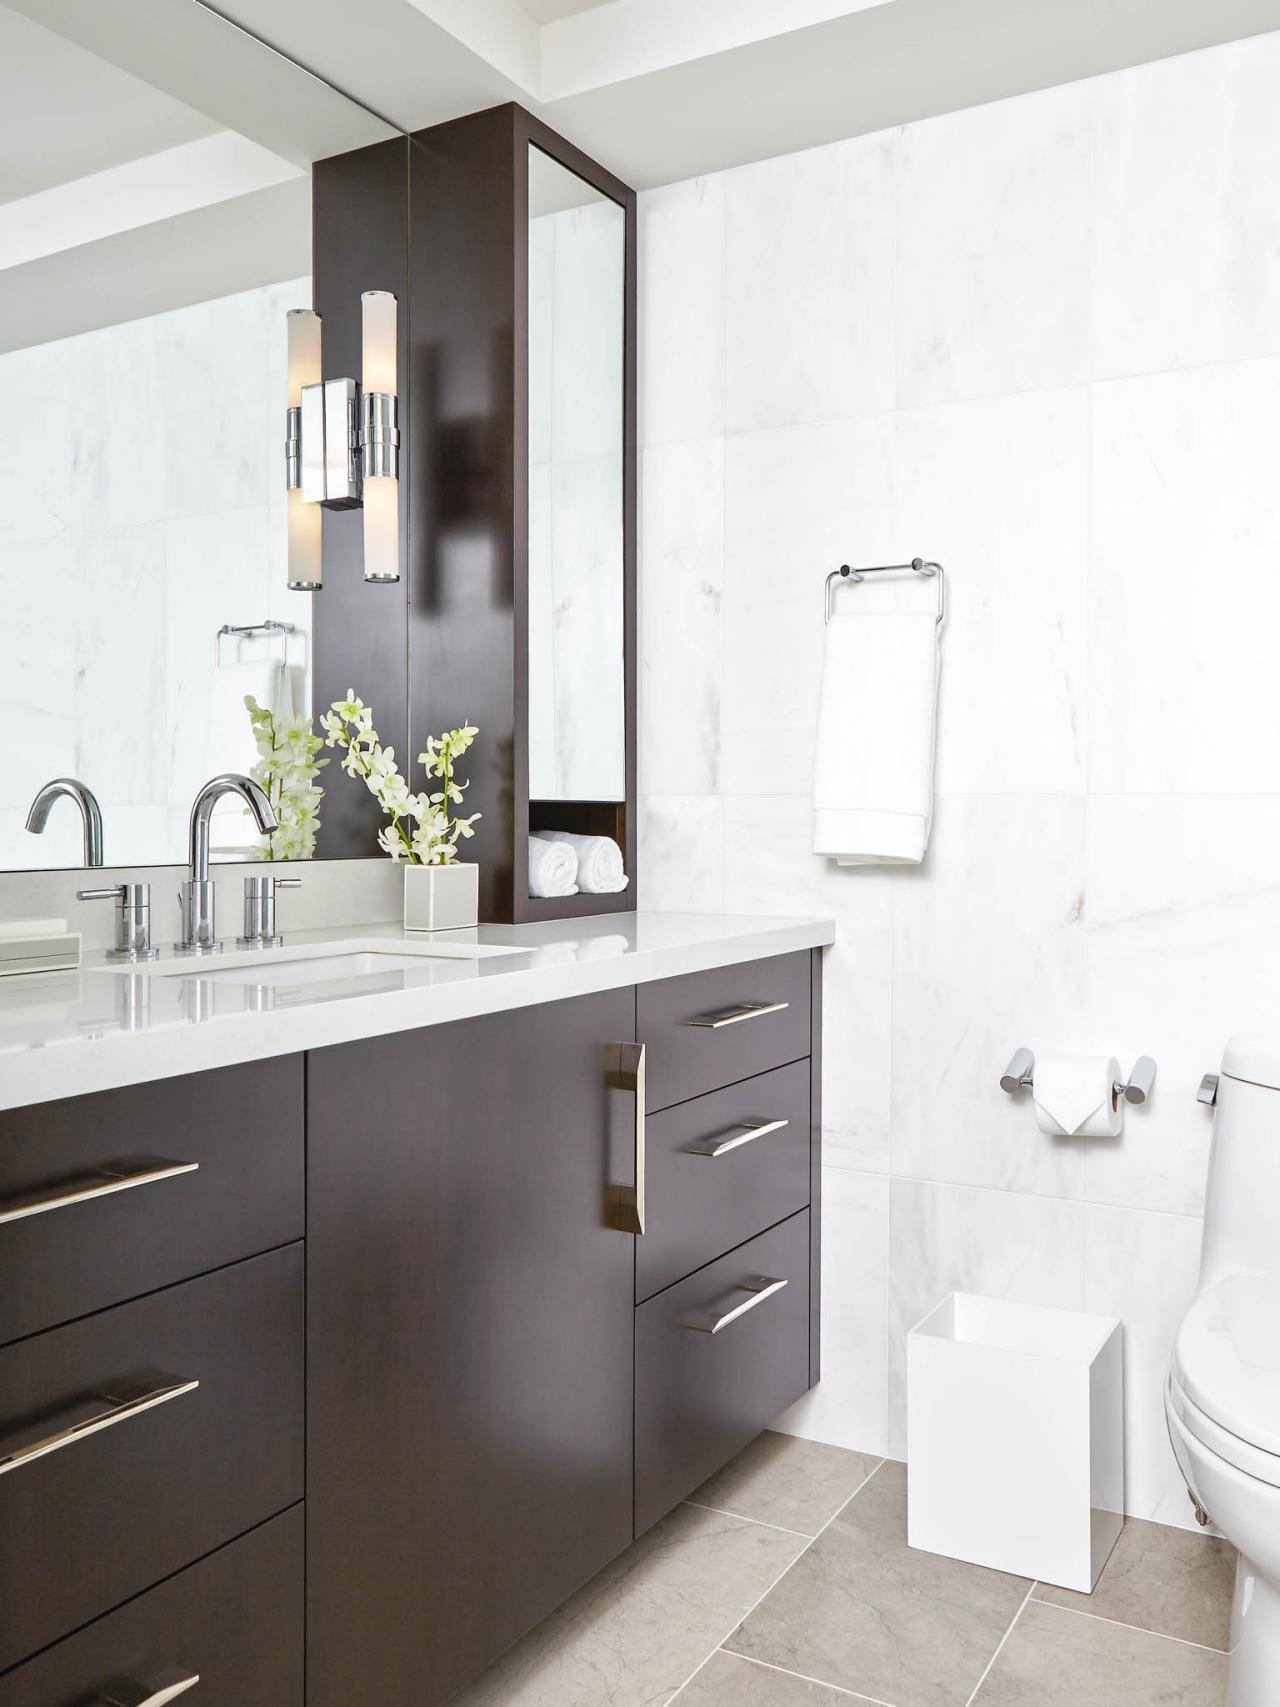 Ванная комната в современном стиле со шкафчиками